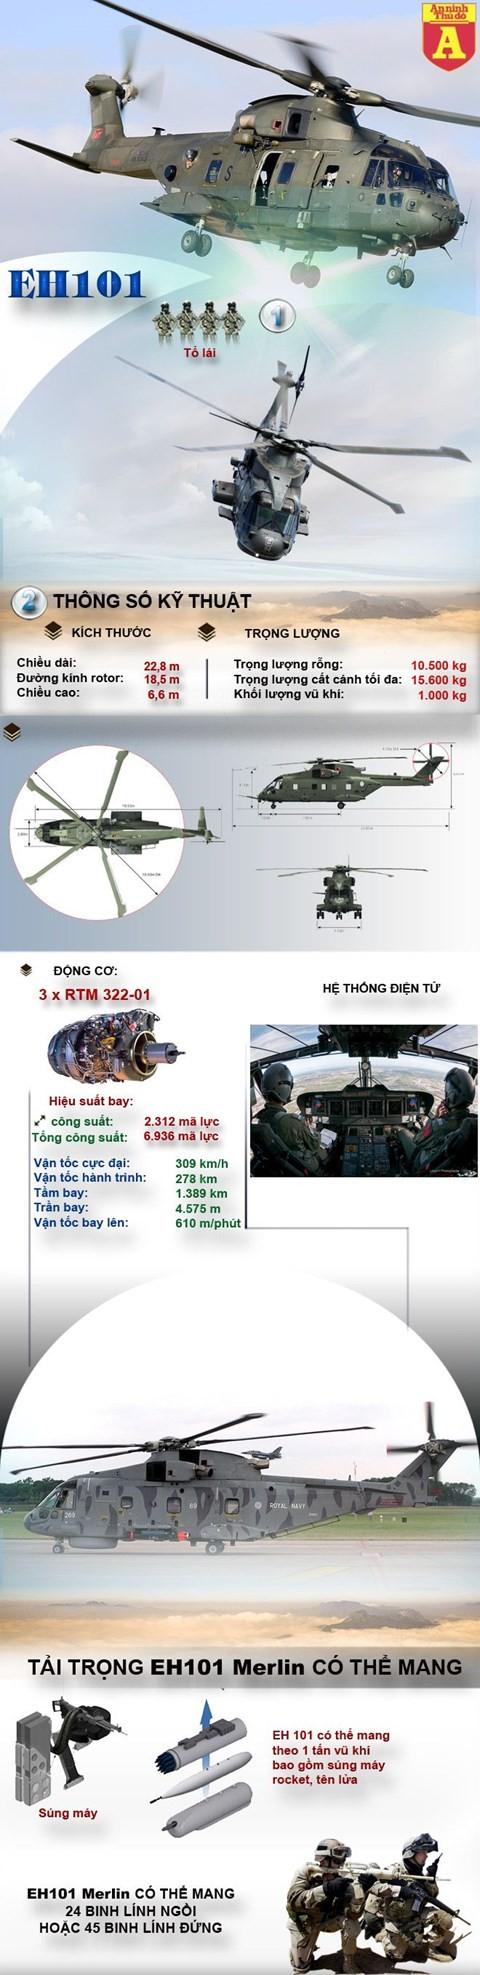 [Infographic] Khám phá trực thăng vận tải đa năng tốt nhất thế giới ảnh 1